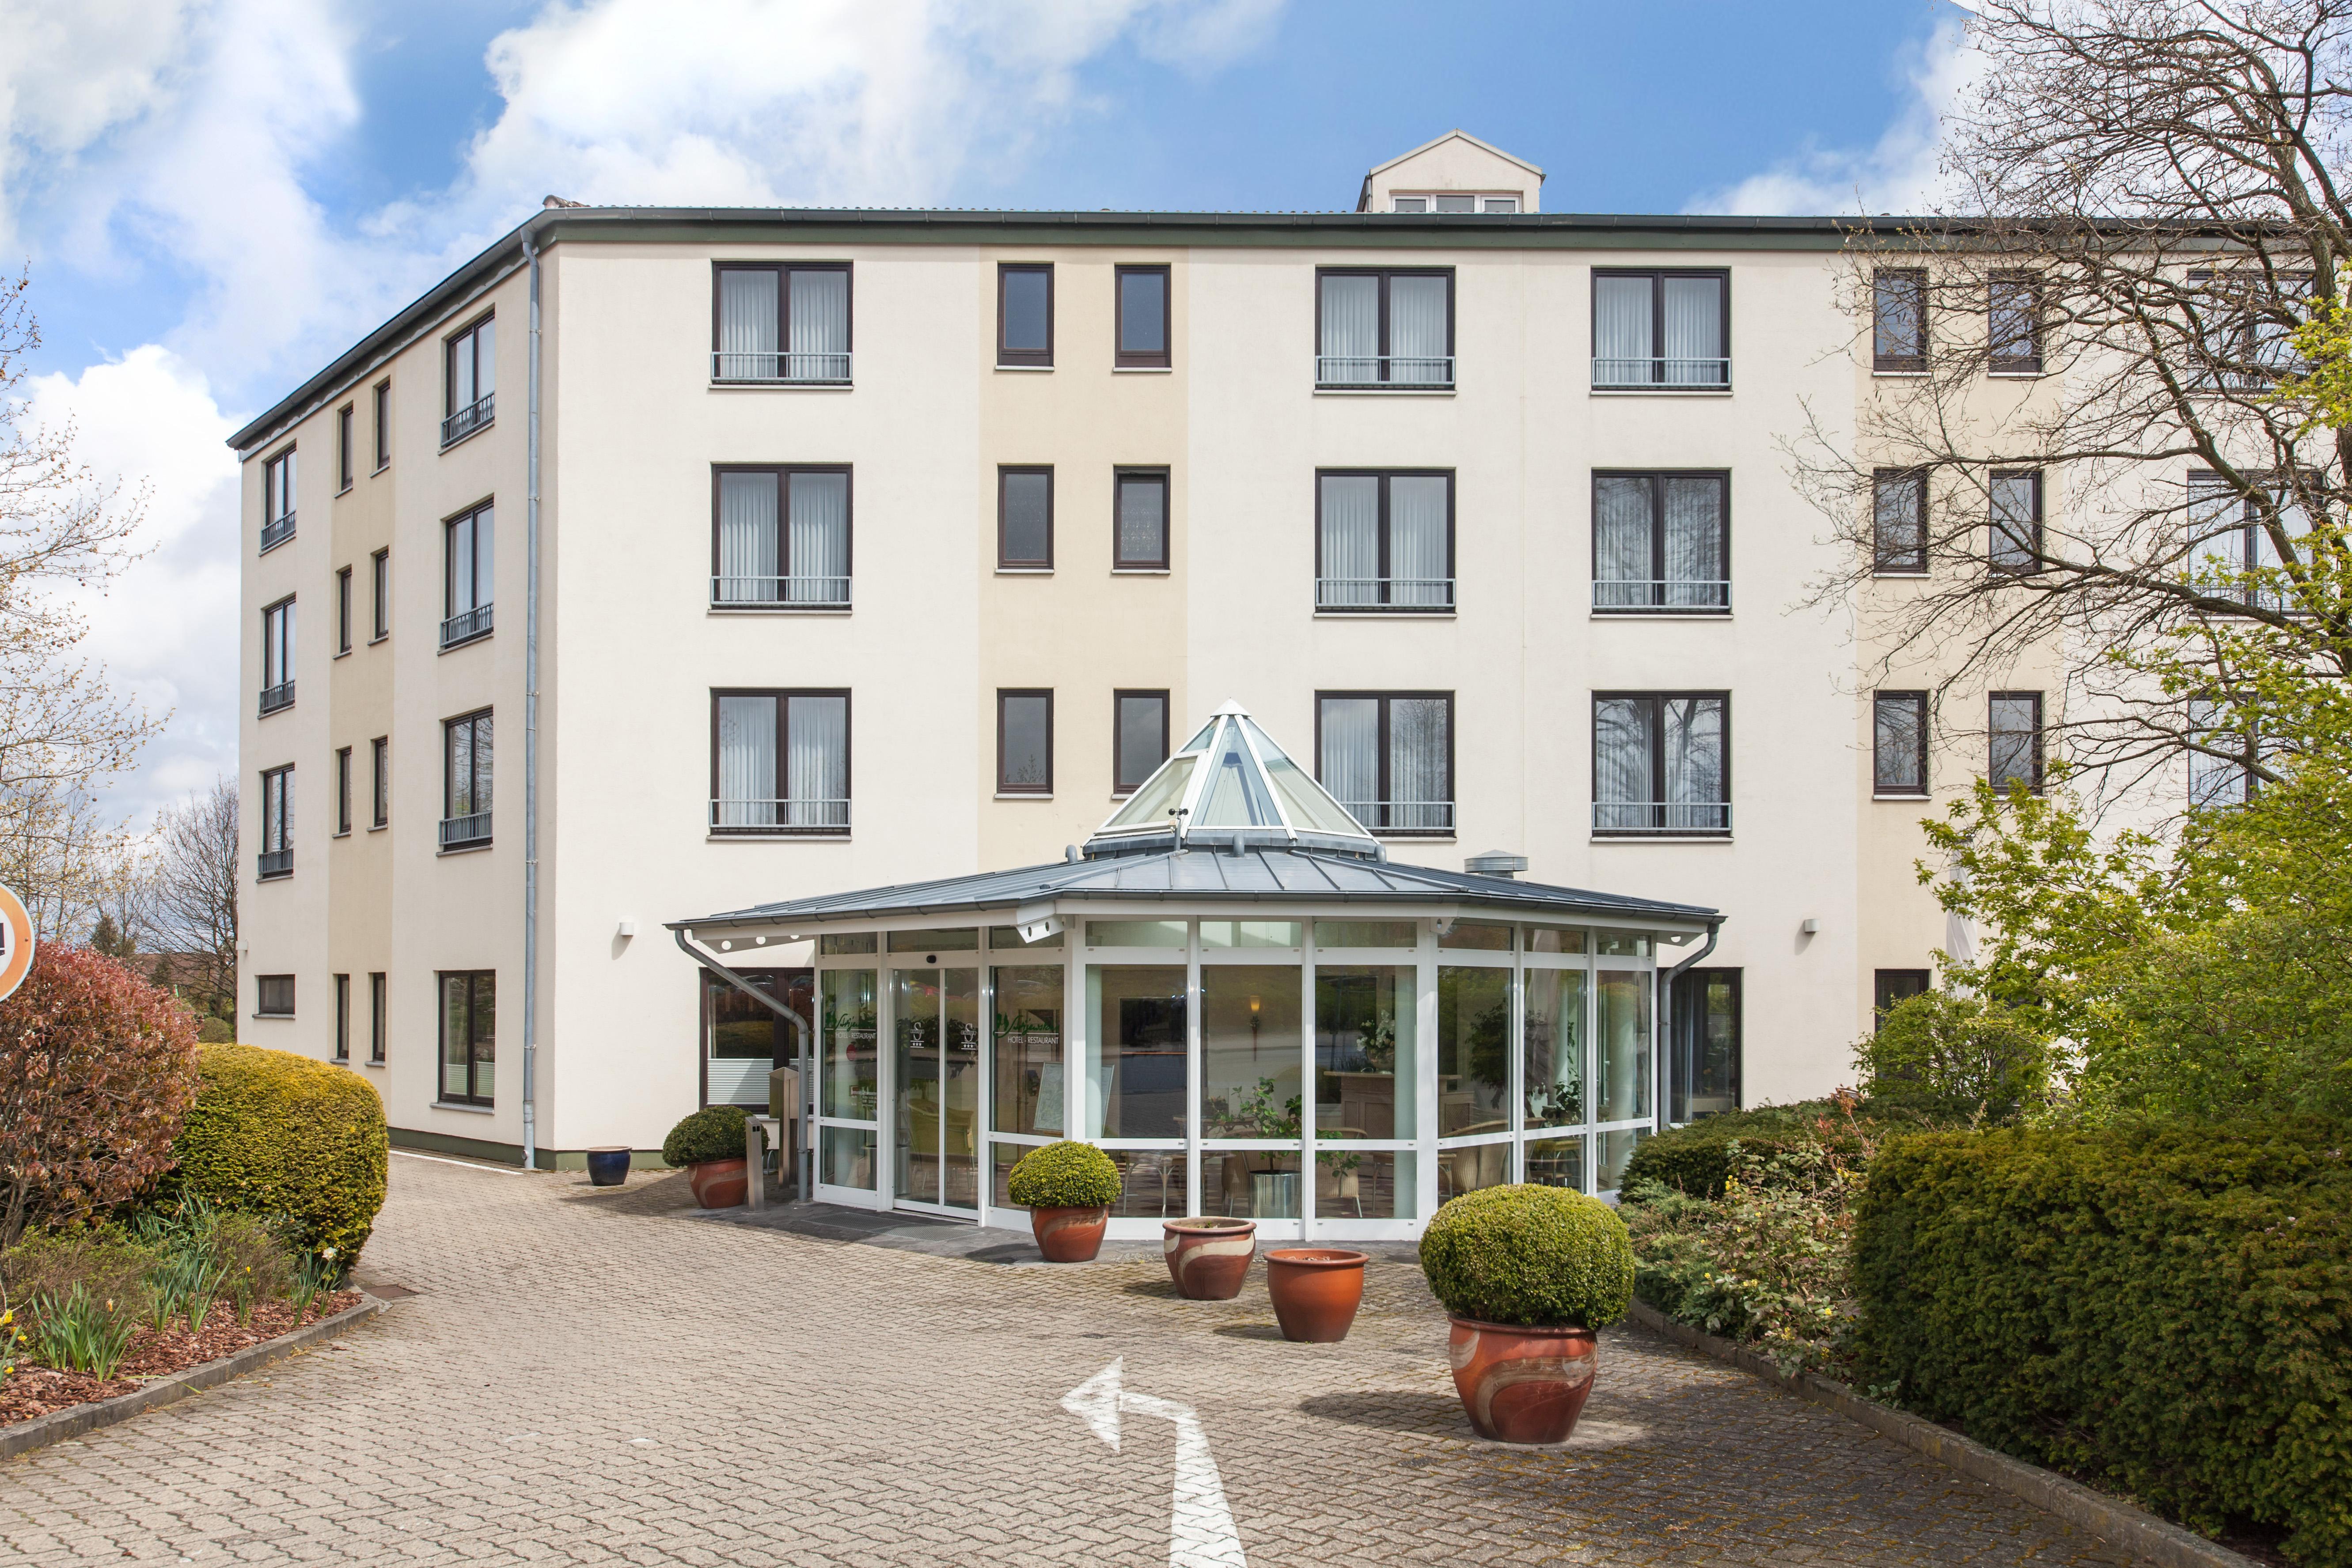 Hotel Strijewski - Die NOVUM Hotel Group expandiert weiter in Wolfsburg